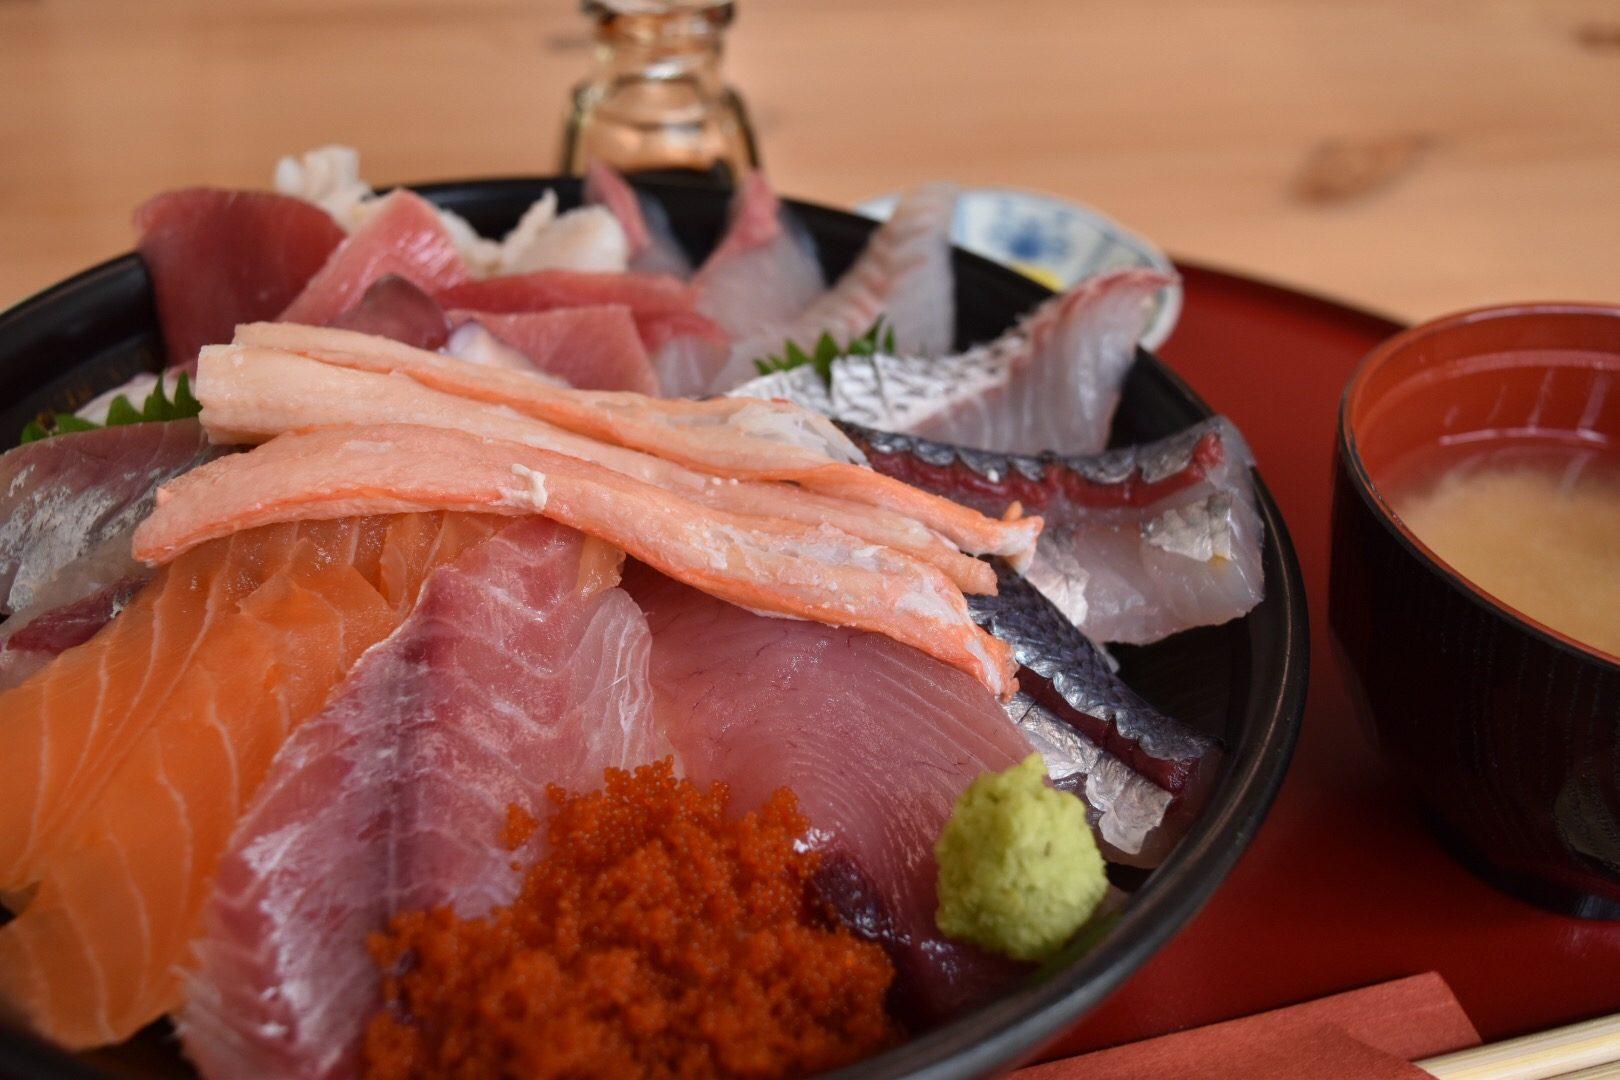 【鯛喜】鳥取砂丘にすぐ近く!予約必須の海鮮料理店 -鳥取市 ...